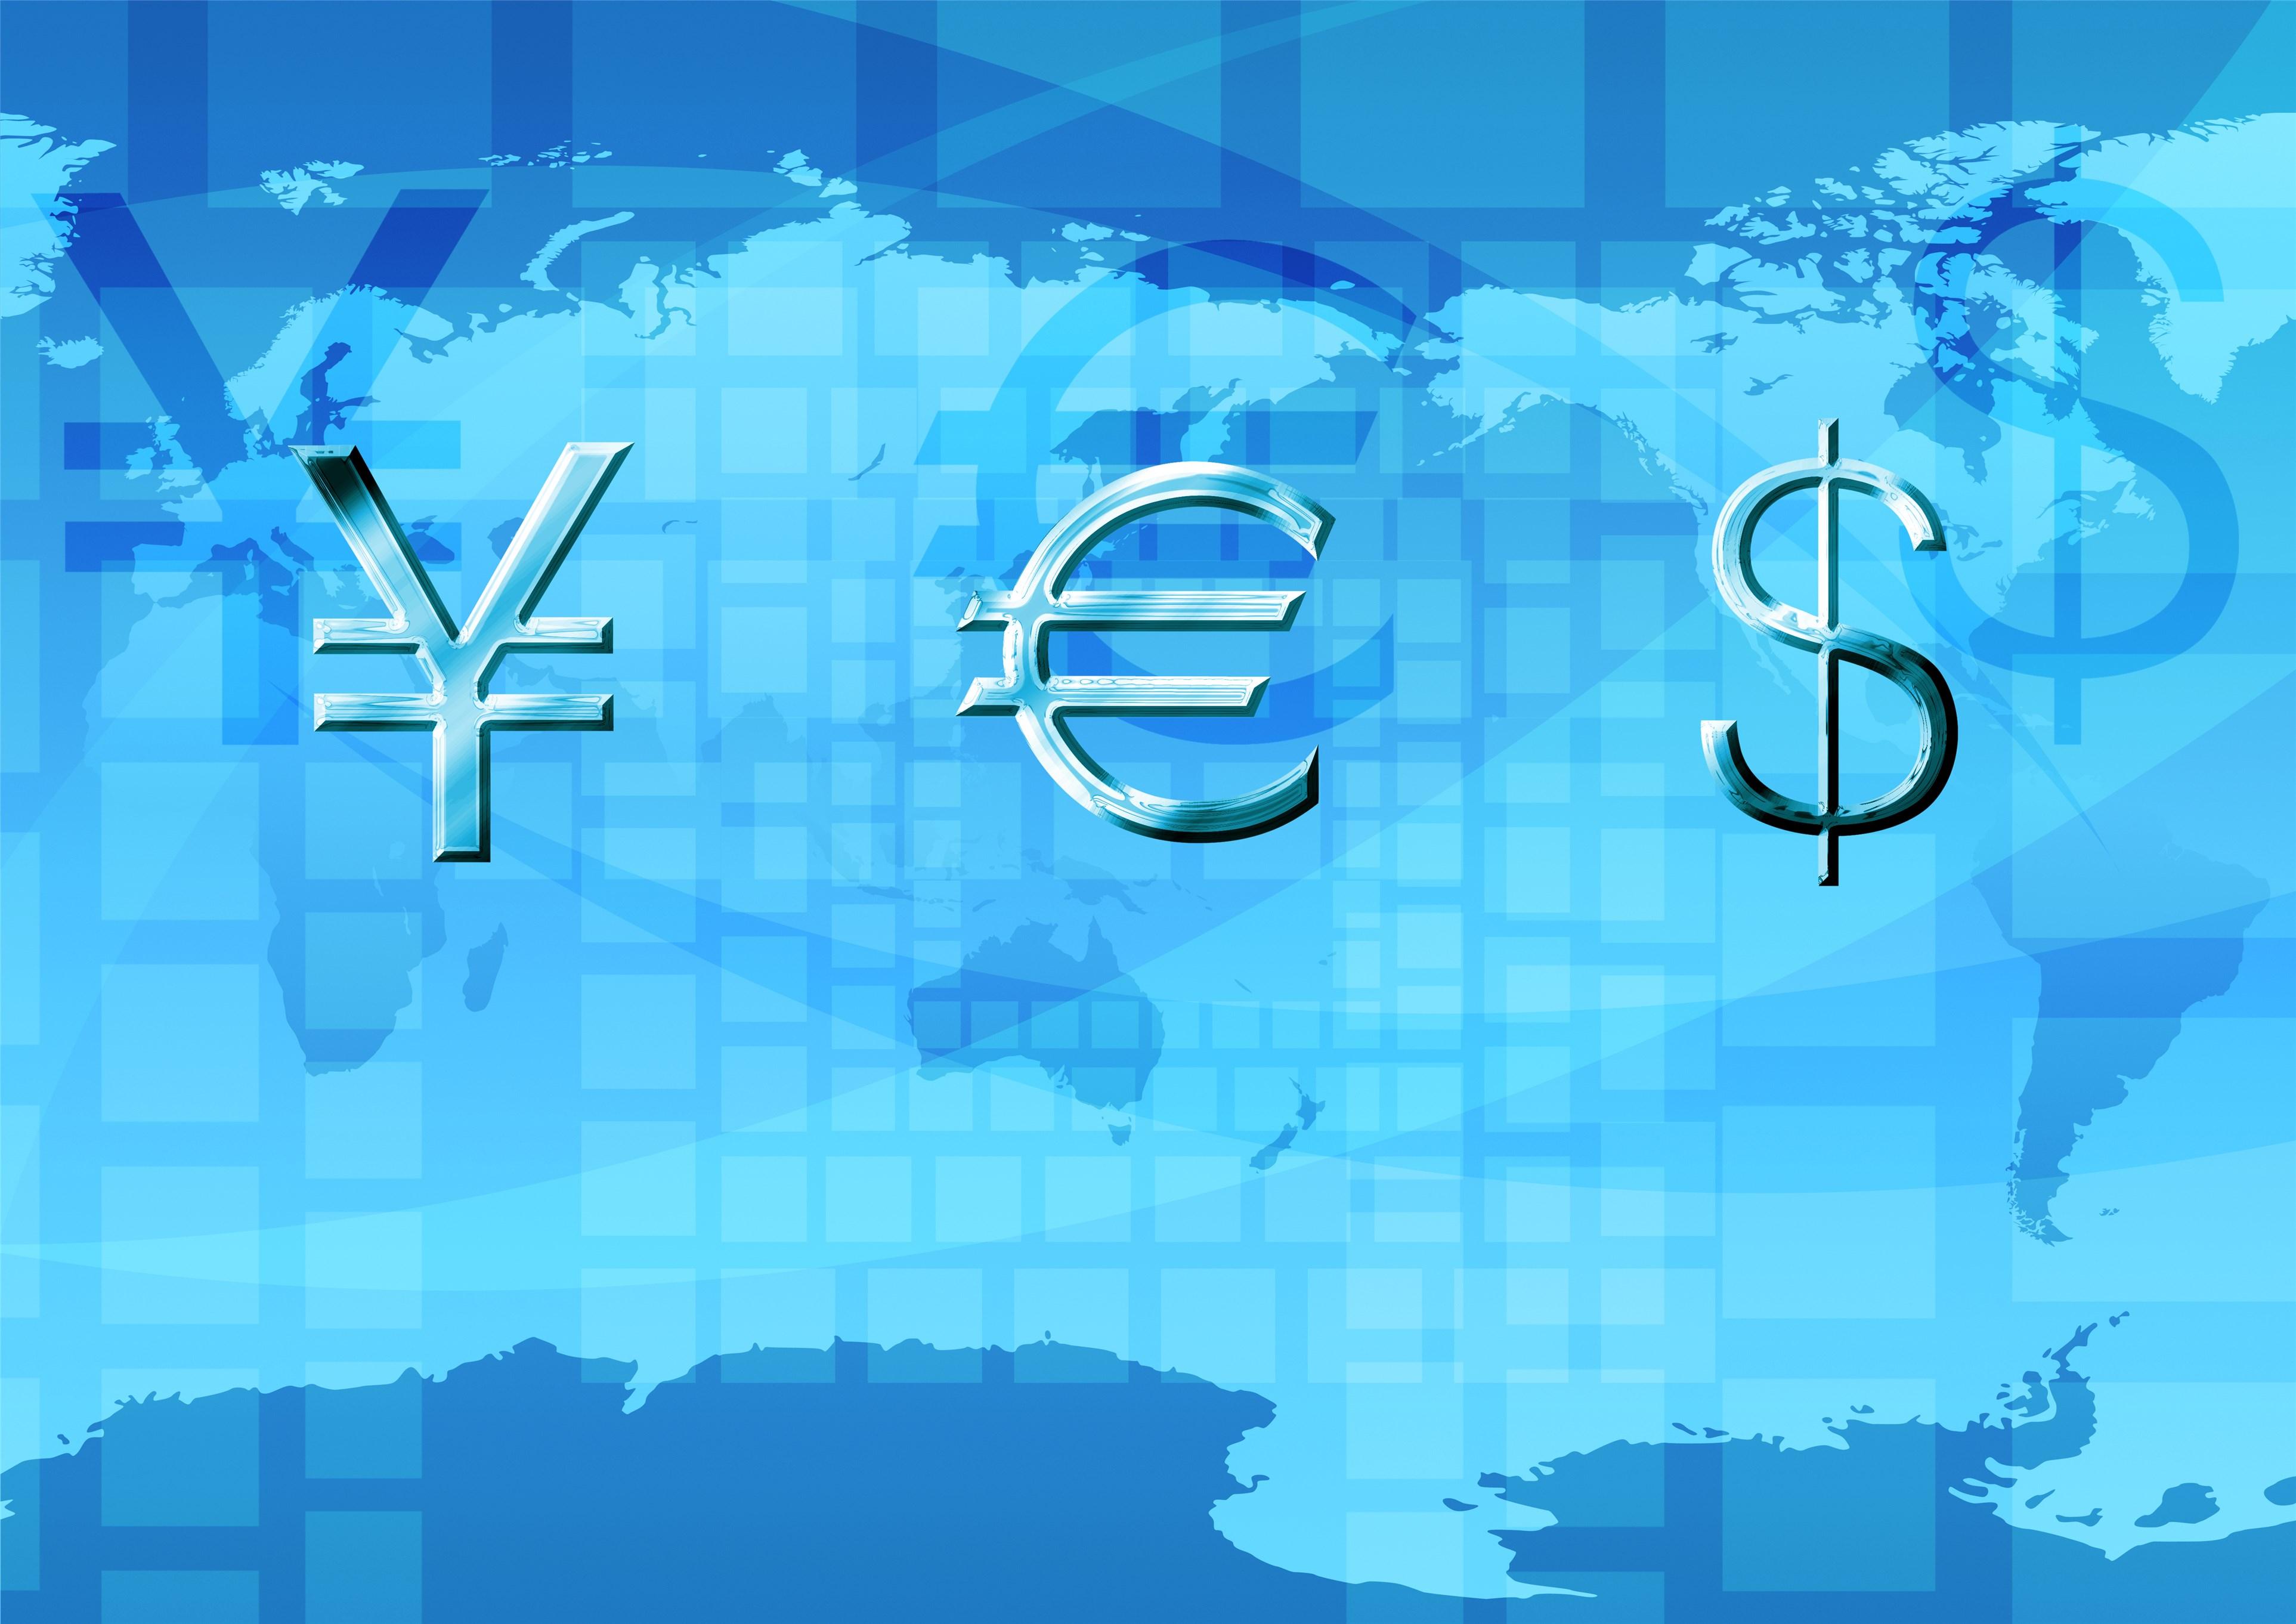 2020年中国数字货币上下游产业链及投资机遇深度剖析(附概念股)